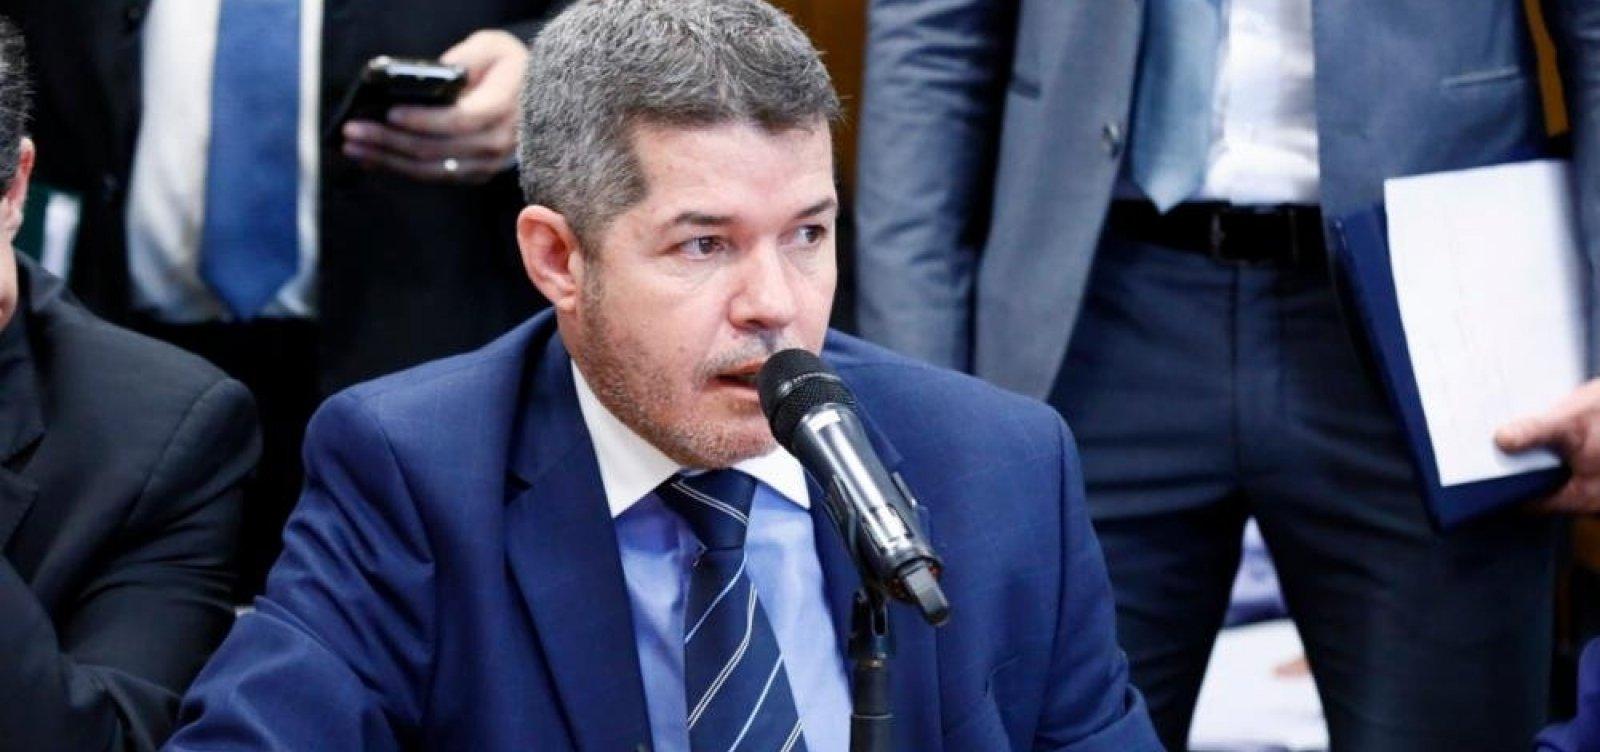 Deputado que prometeu 'implodir' presidente volta atrás: 'Somos Bolsonaro'